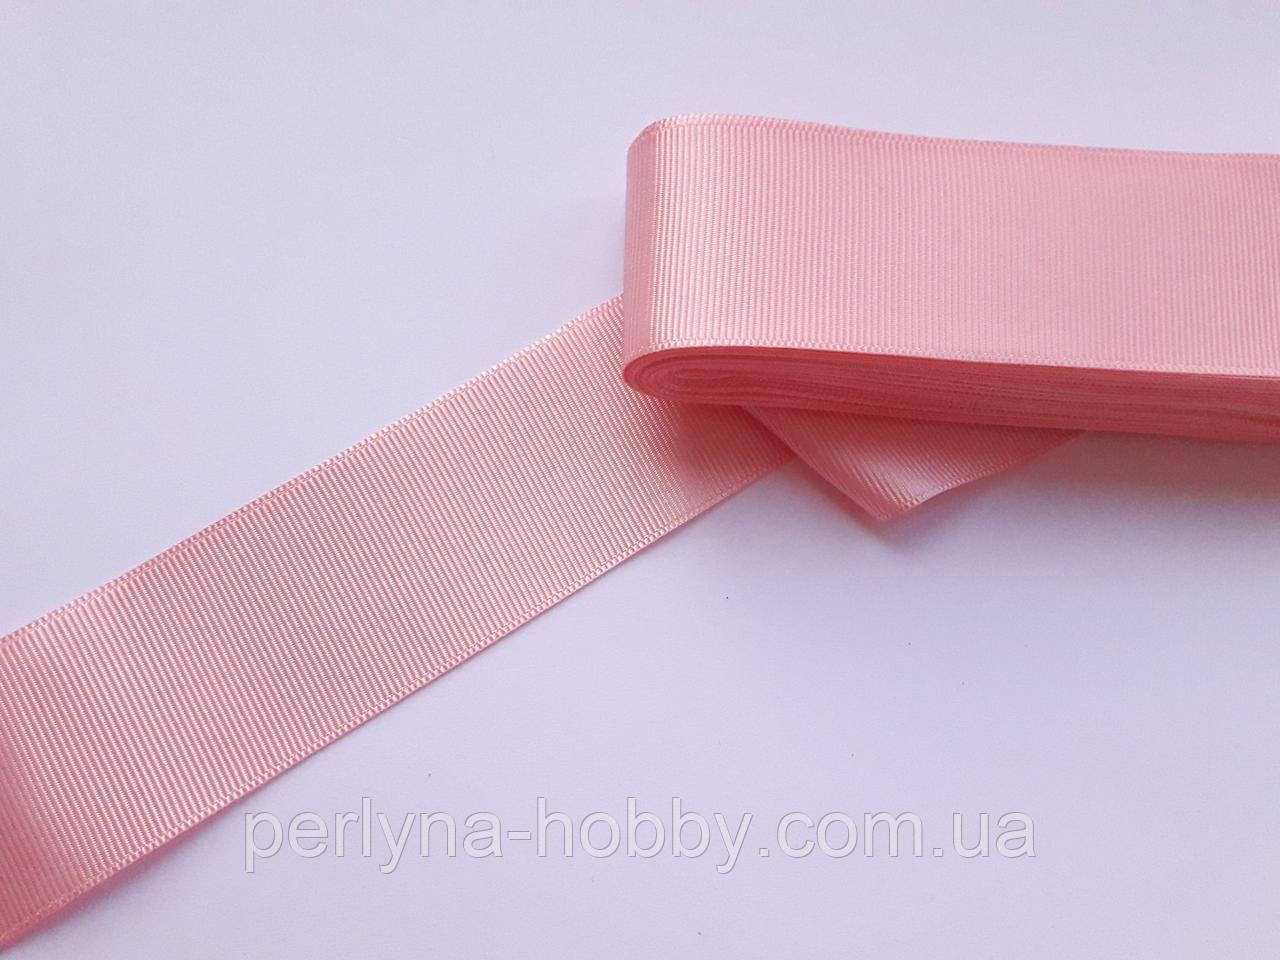 Стрічка репсова 40 мм, рожева № 19. Туреччина